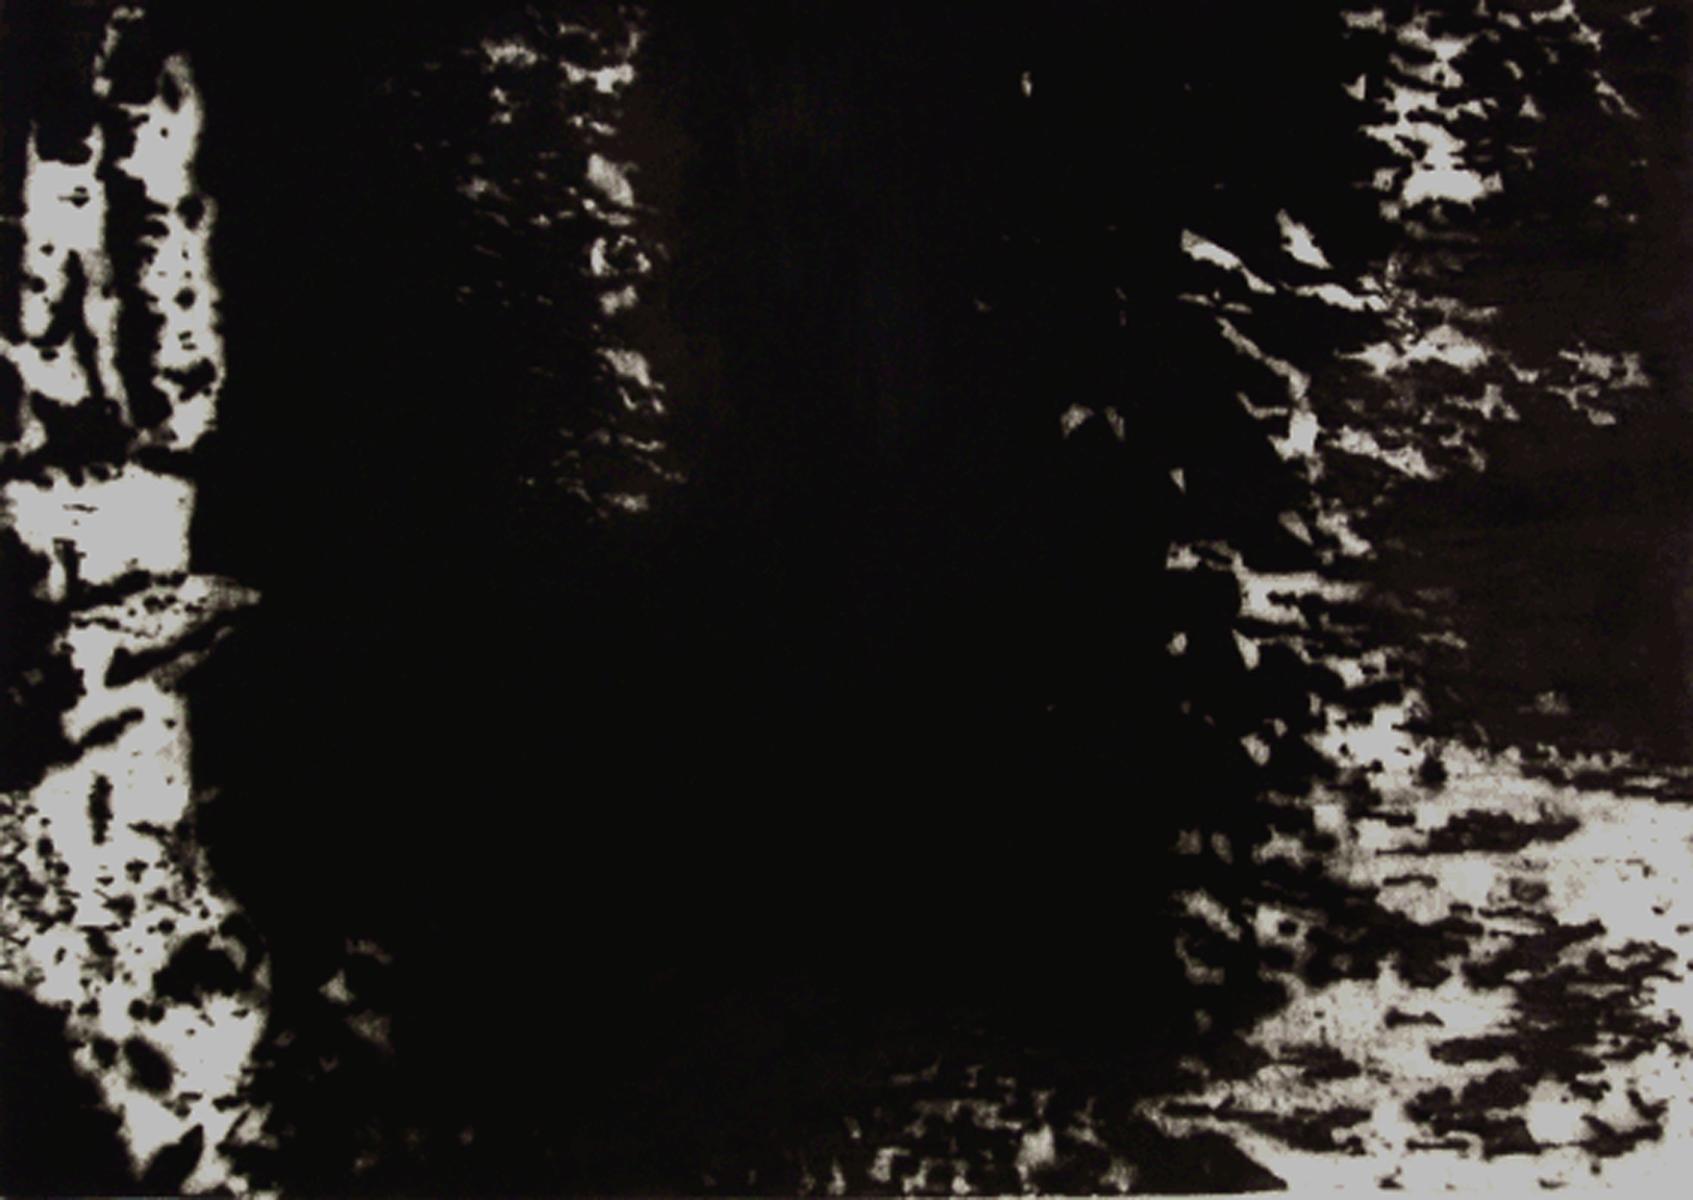 Irrgarten_Frotage_50cm_x_40cm_Ölfarbe_Papier_2004_Im_Besitz_des_Künstlers